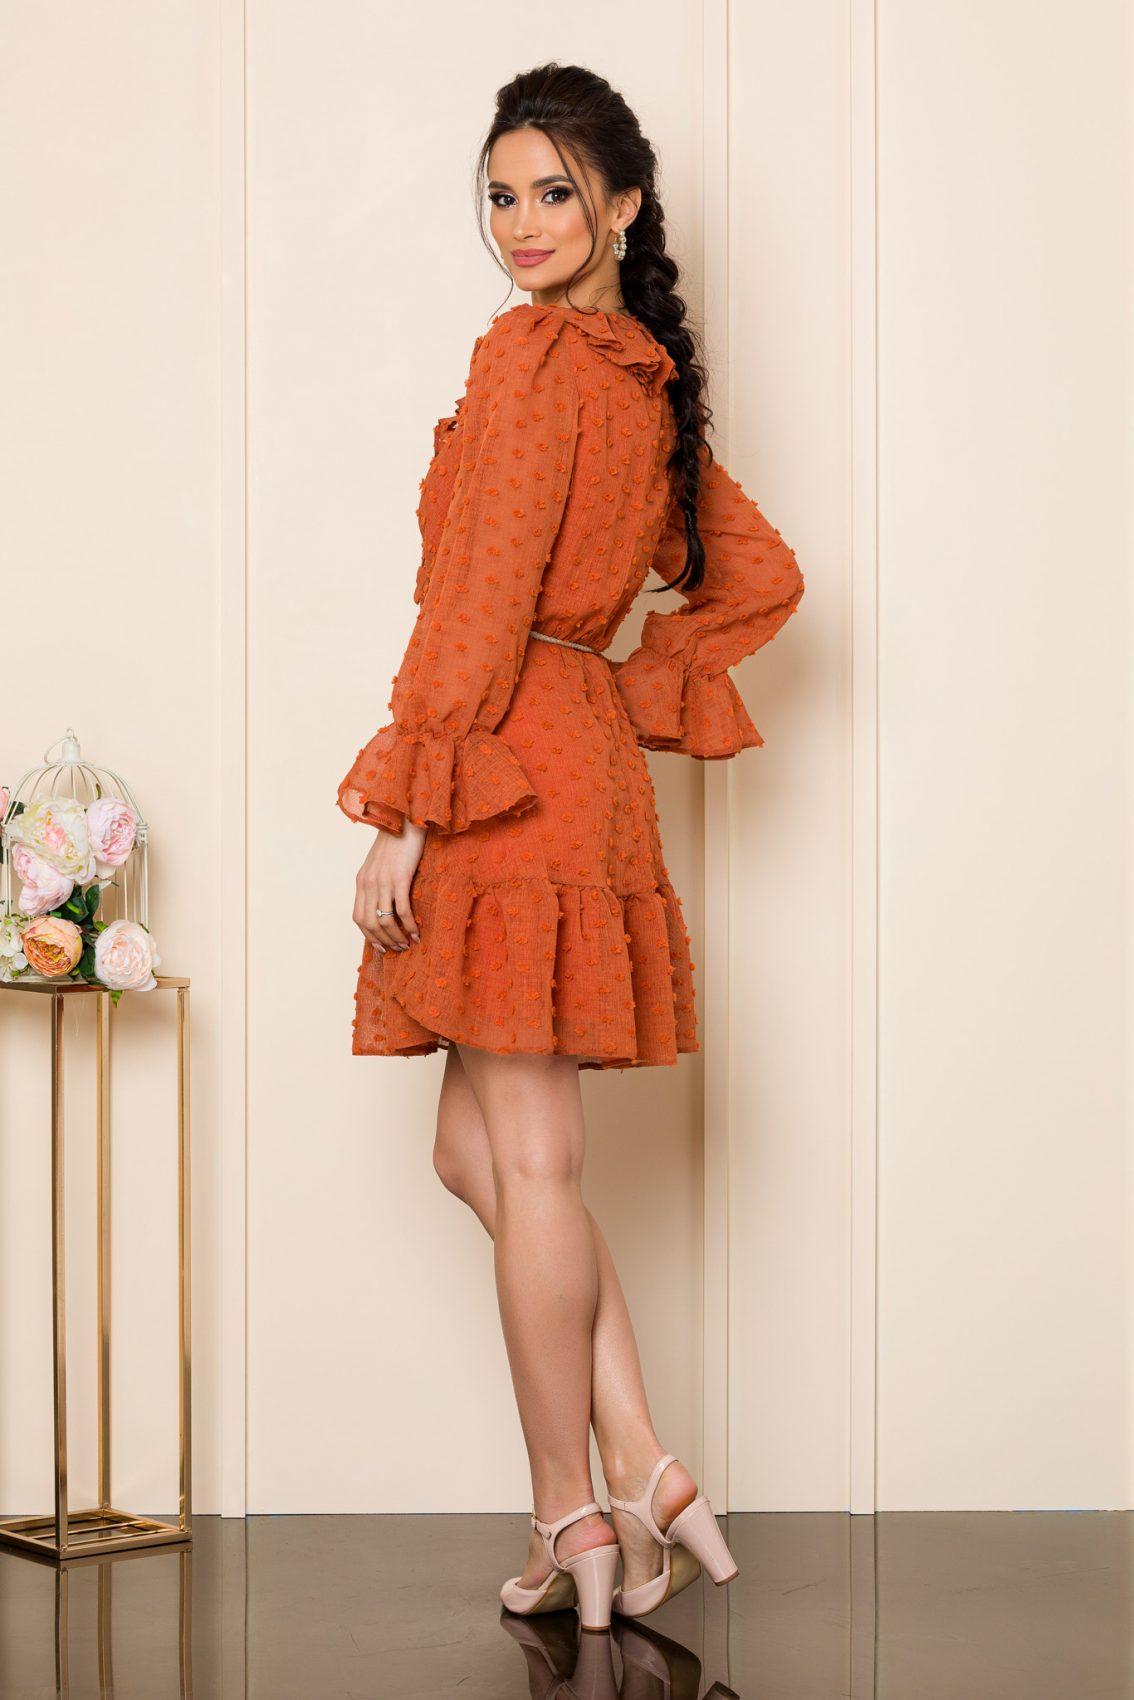 Κεραμιδί Μίνι Φόρεμα Με Βολάν Willow 9809 2